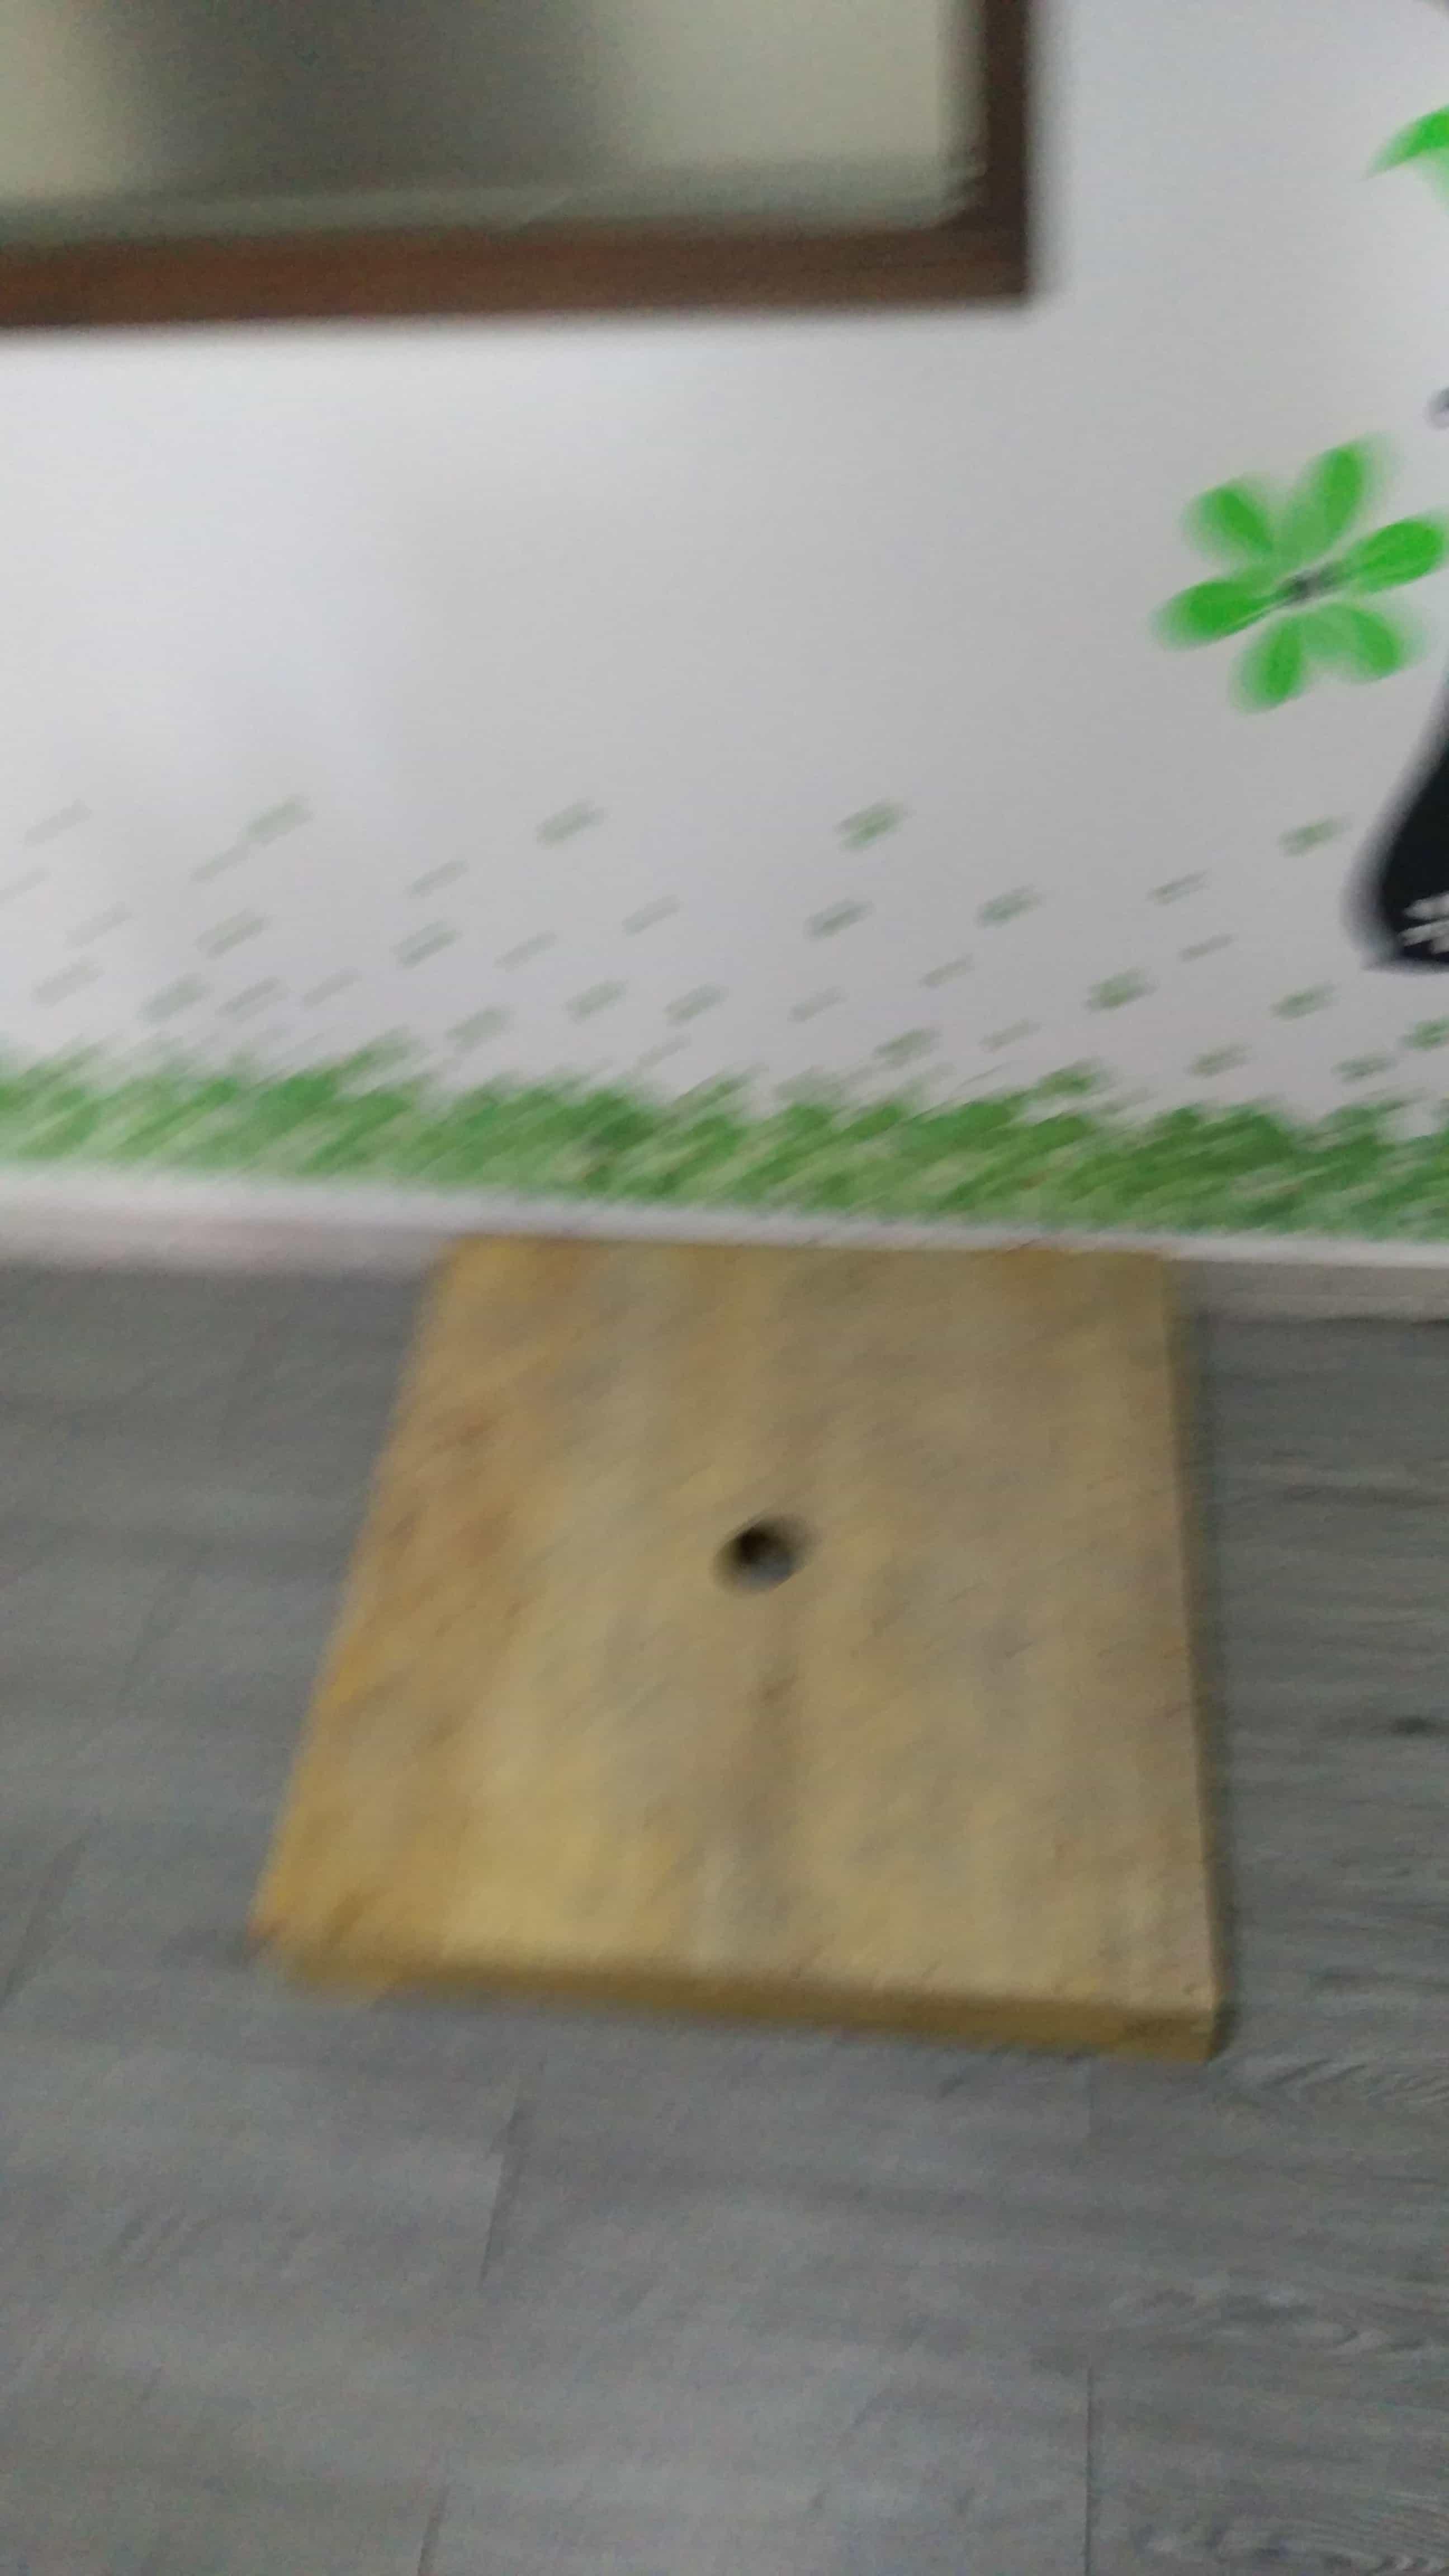 胶合板 卡板-胶合板 卡板批发、促销价�,♔☟[、产地货源